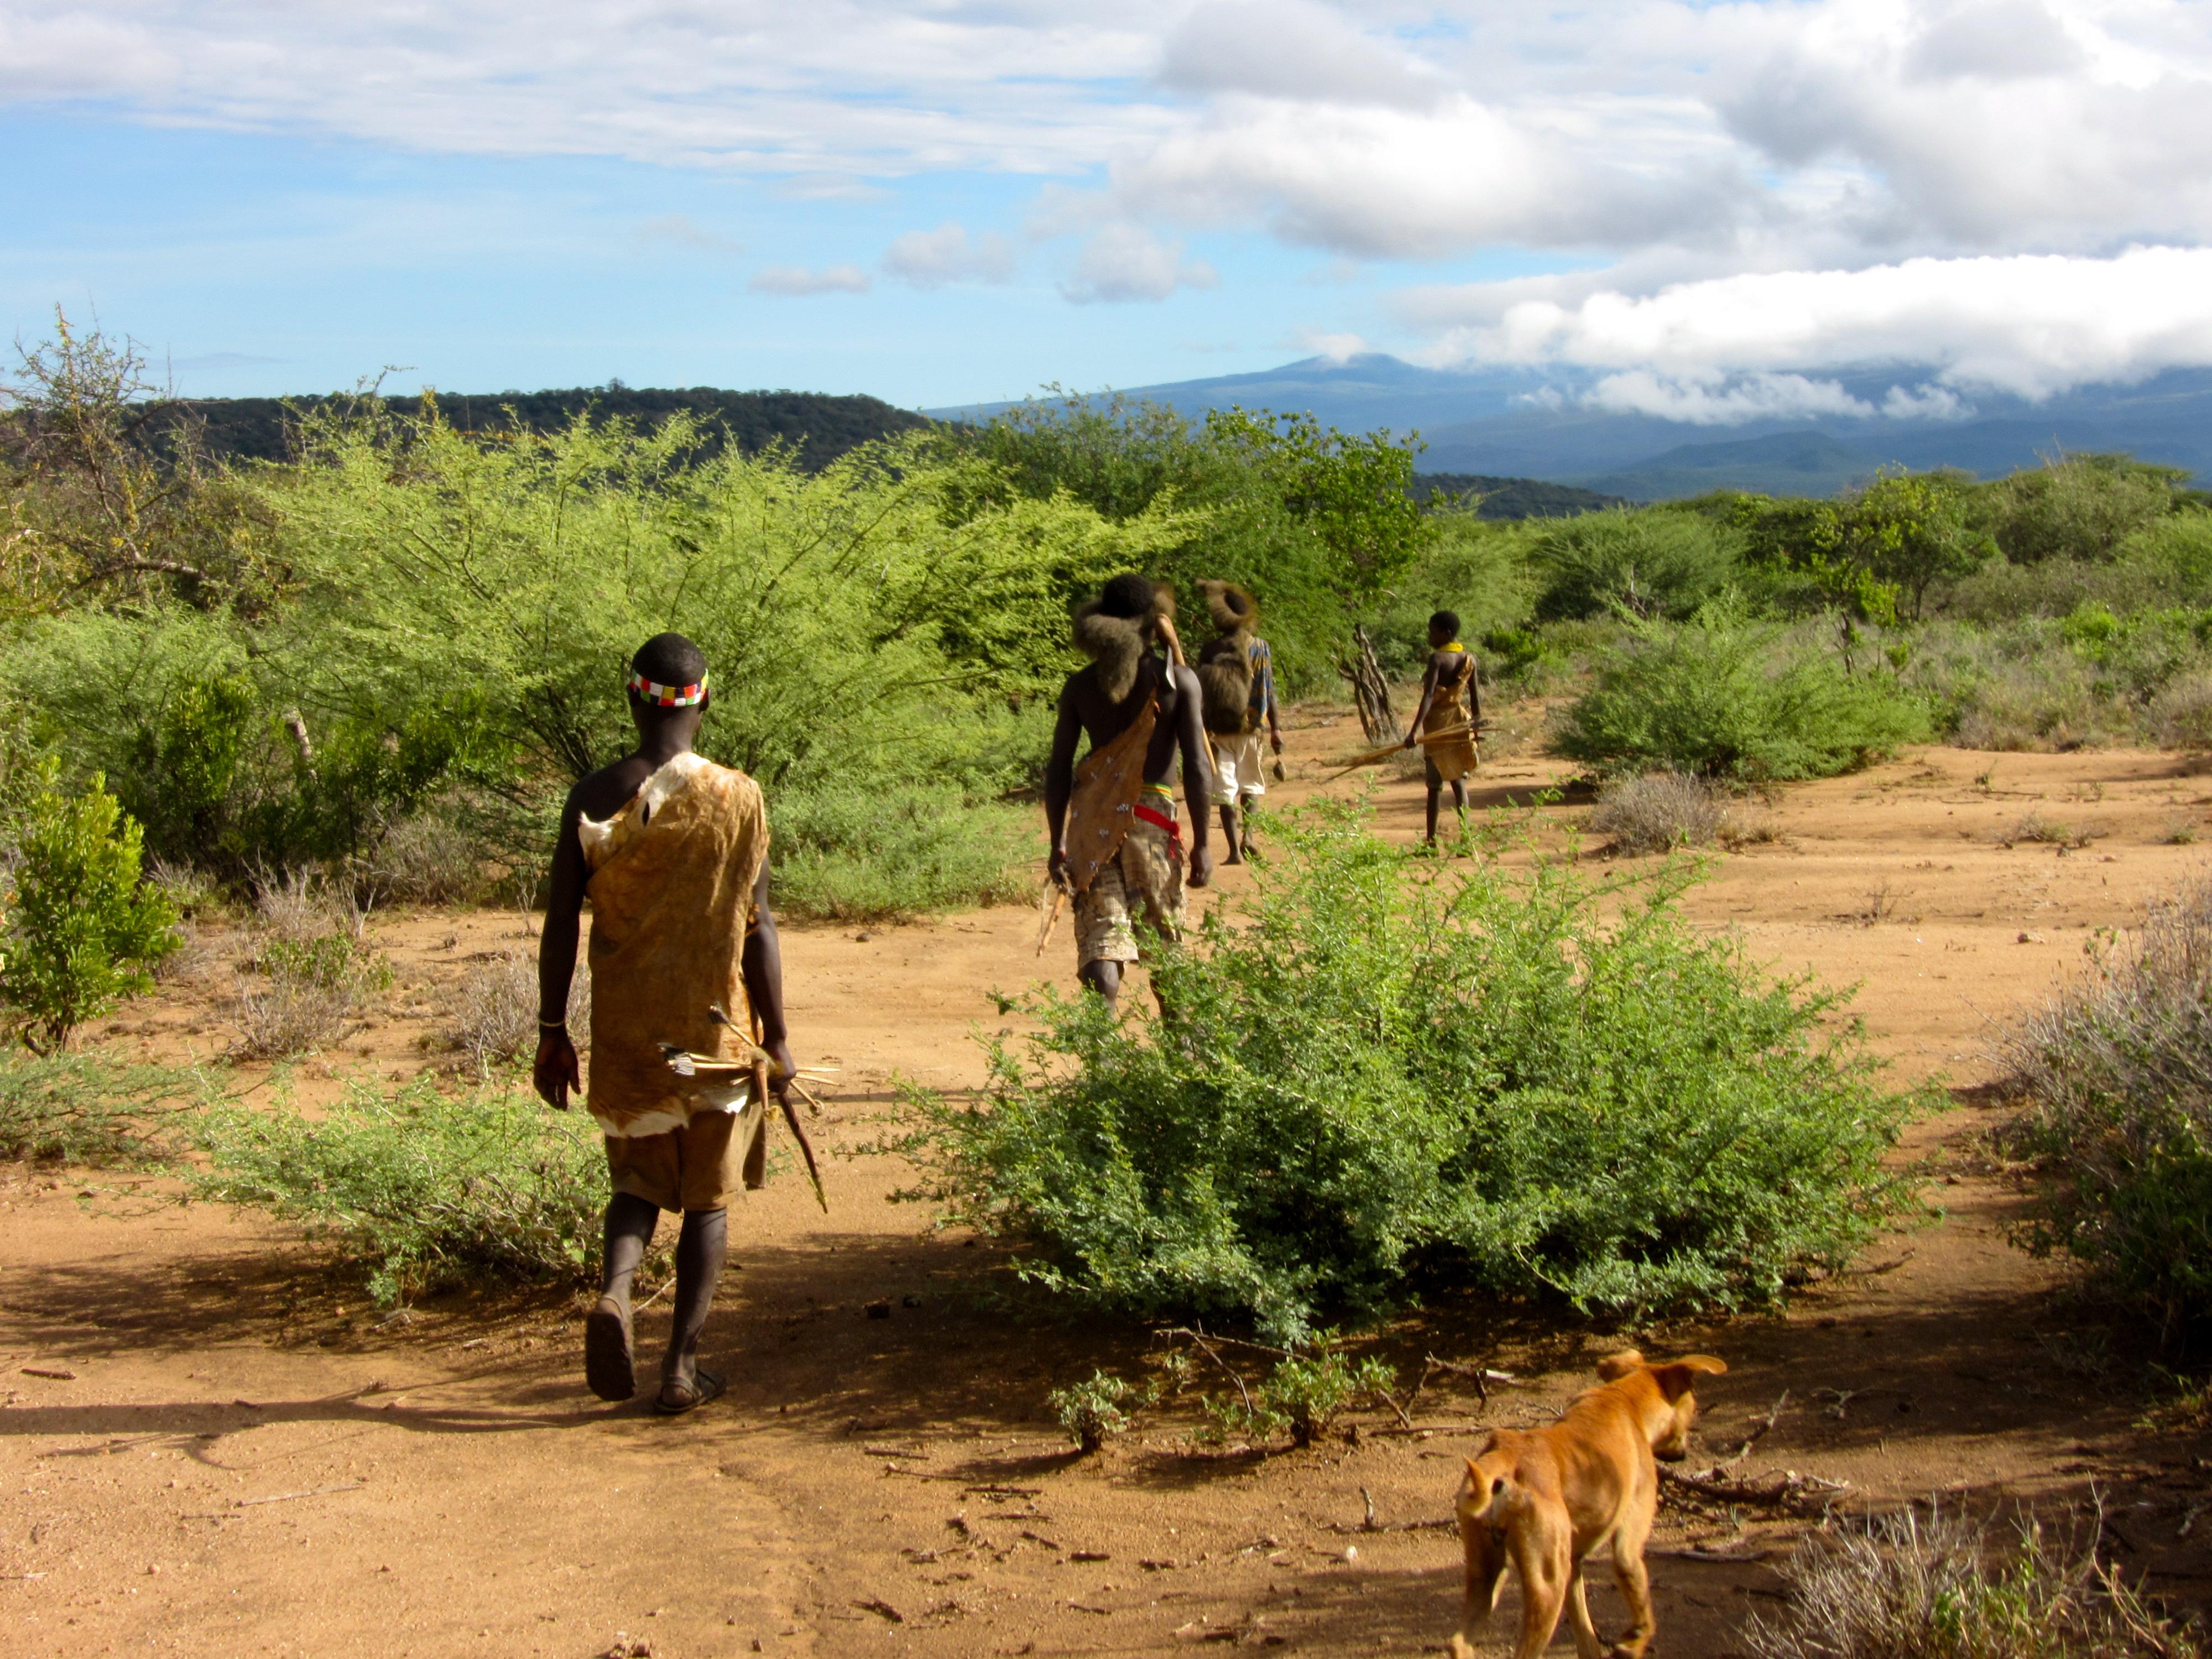 Volunteering and Going on Safari in Tanzania